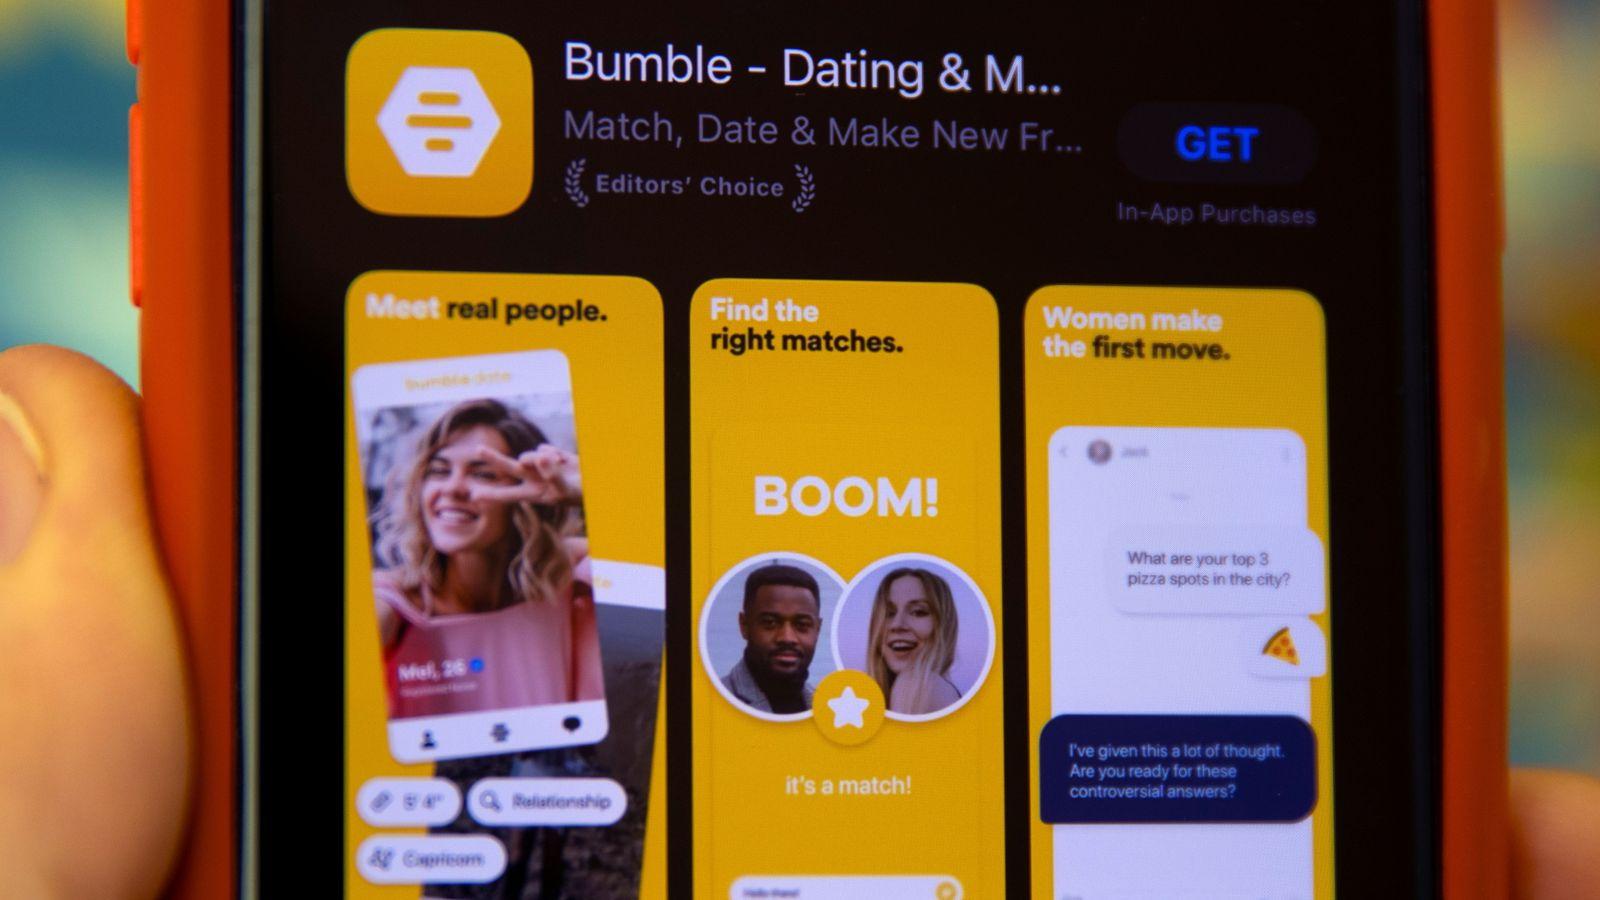 bumble dating app kosten